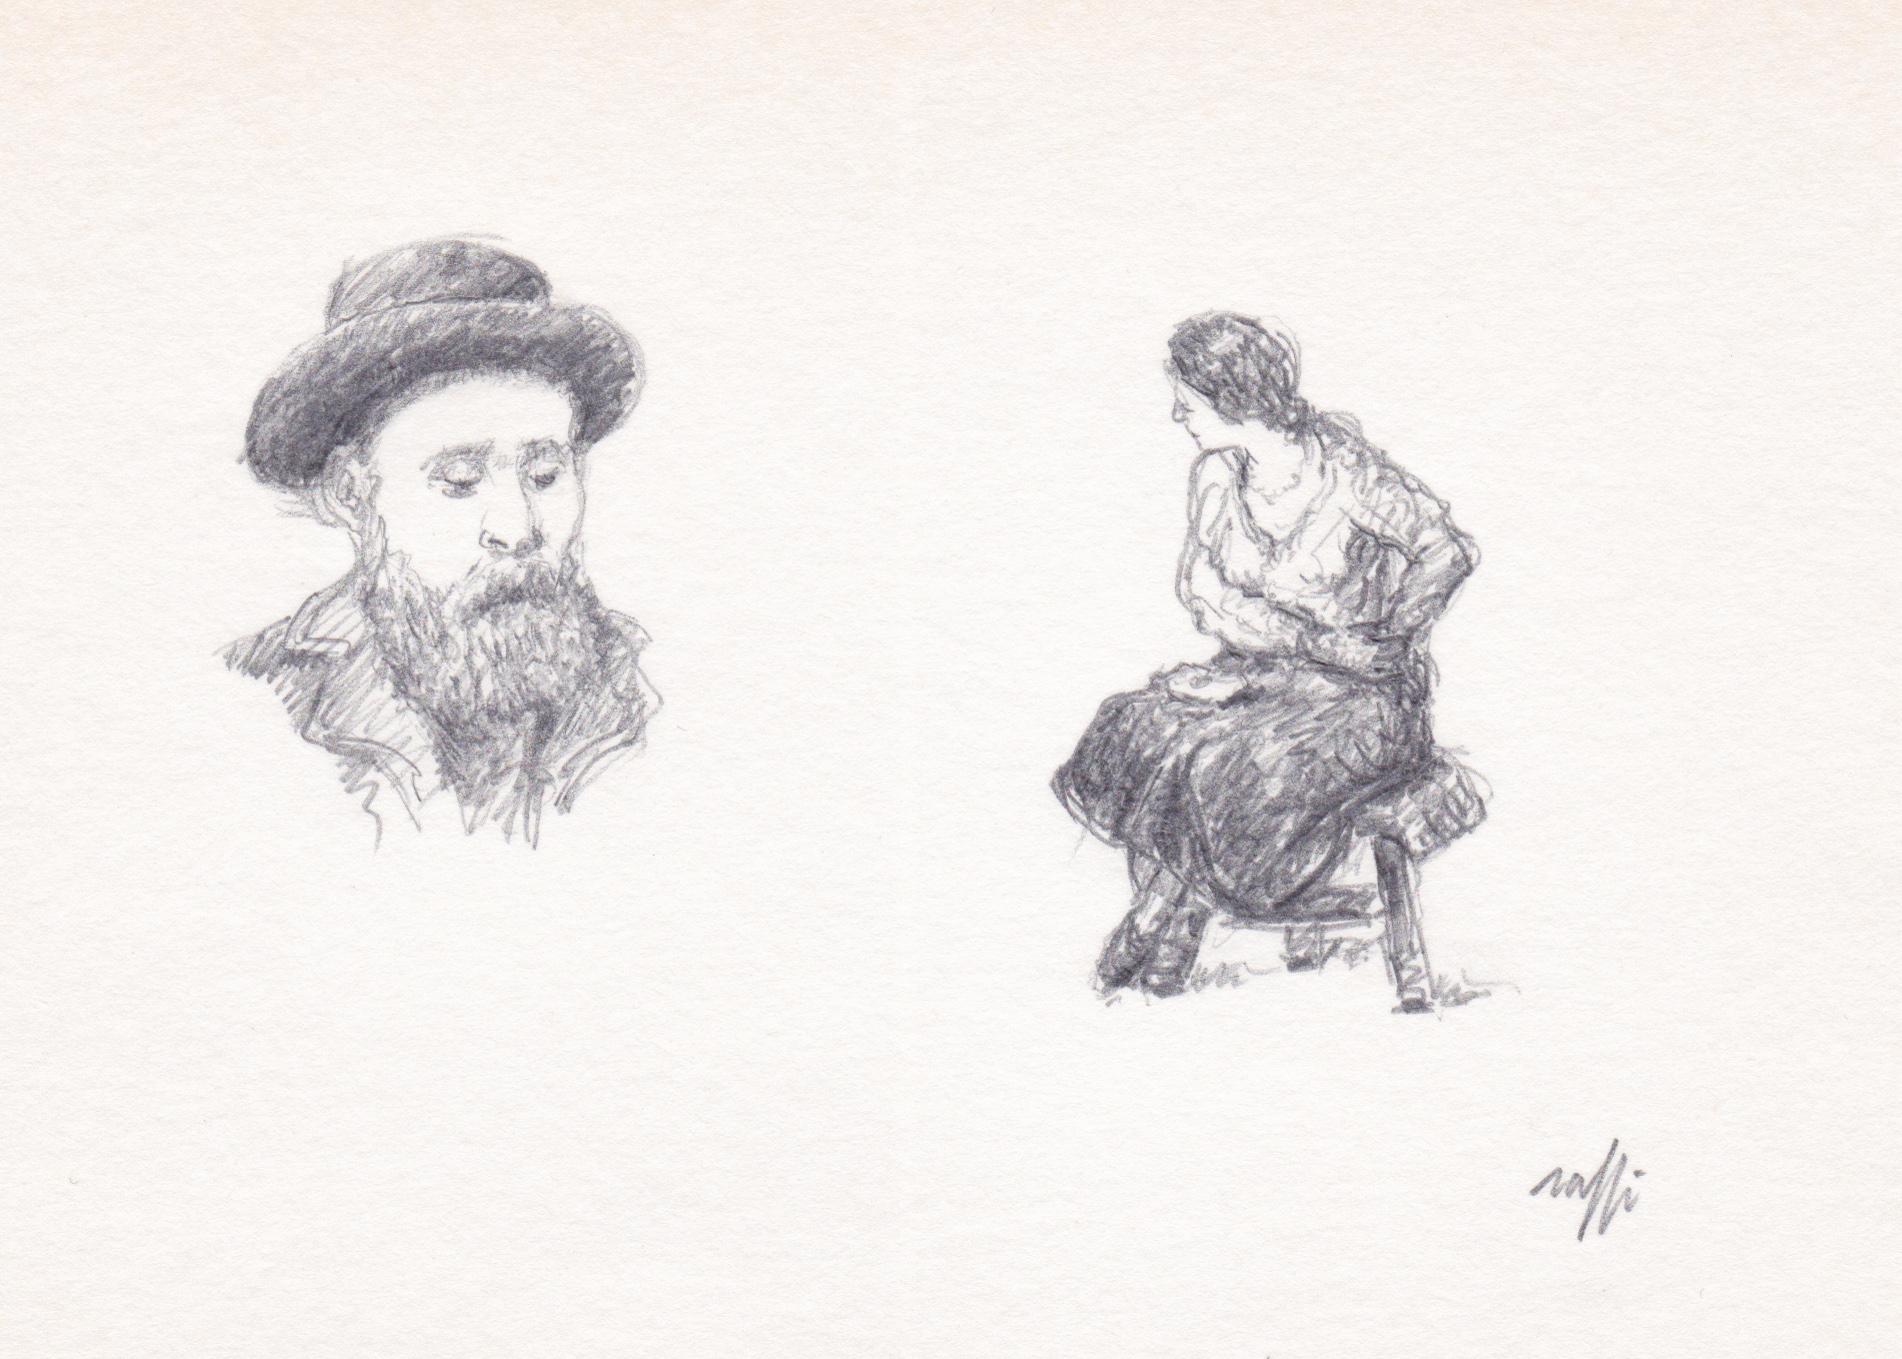 Portrait de Vuillard et étude (Vuillard)